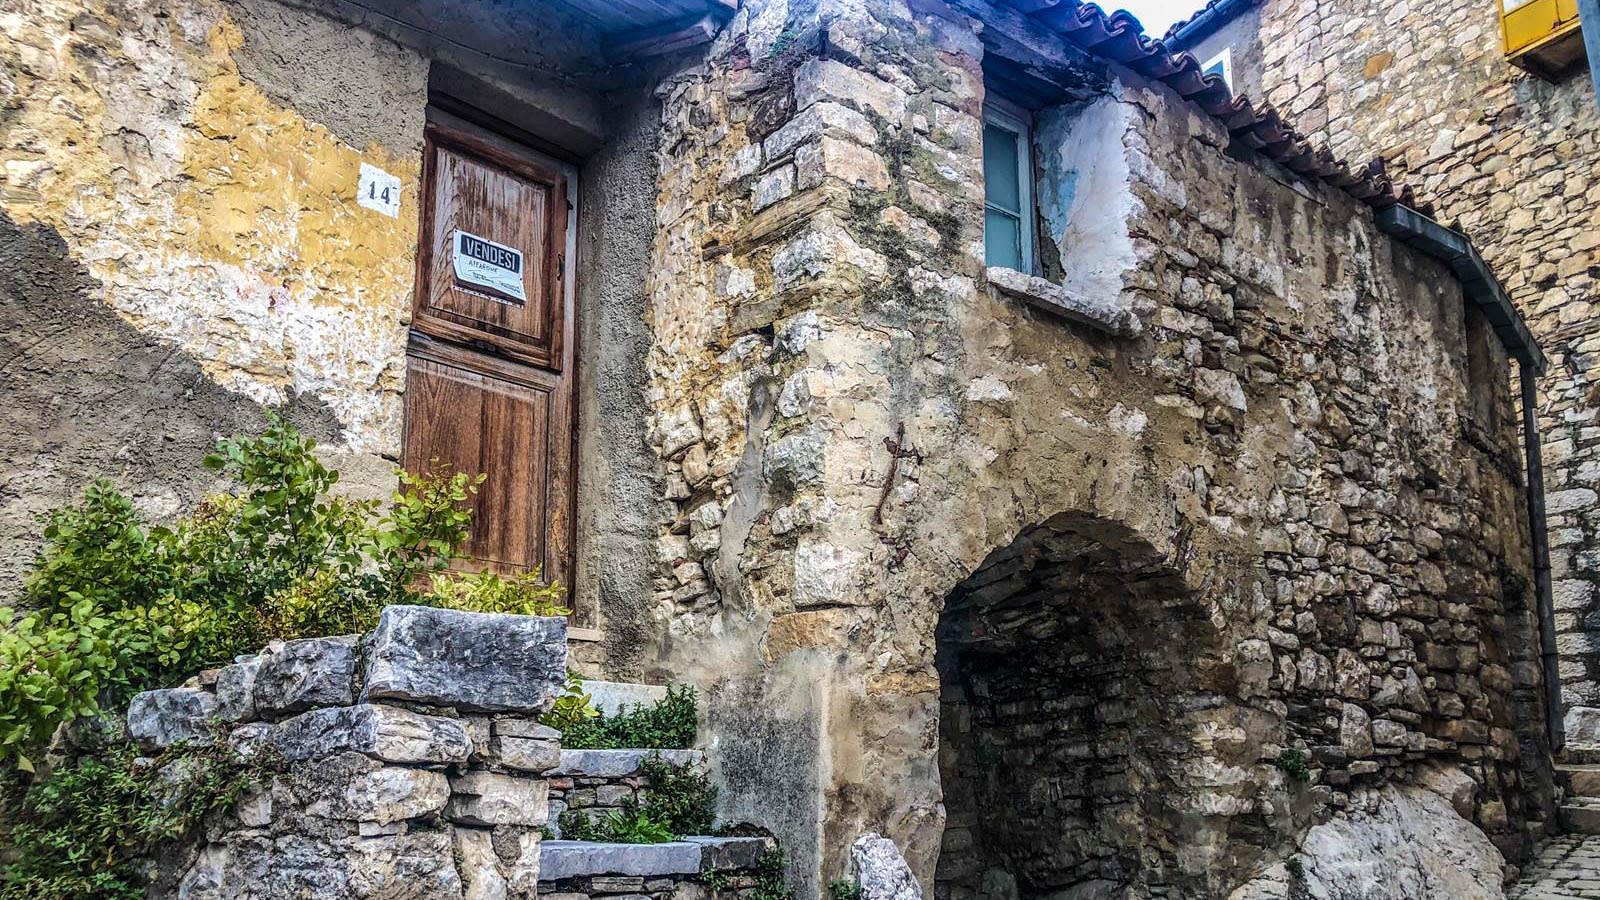 منازل إيطاليا مهجورة بتكلفة دولار..ما رأي الملاك الأصليين؟